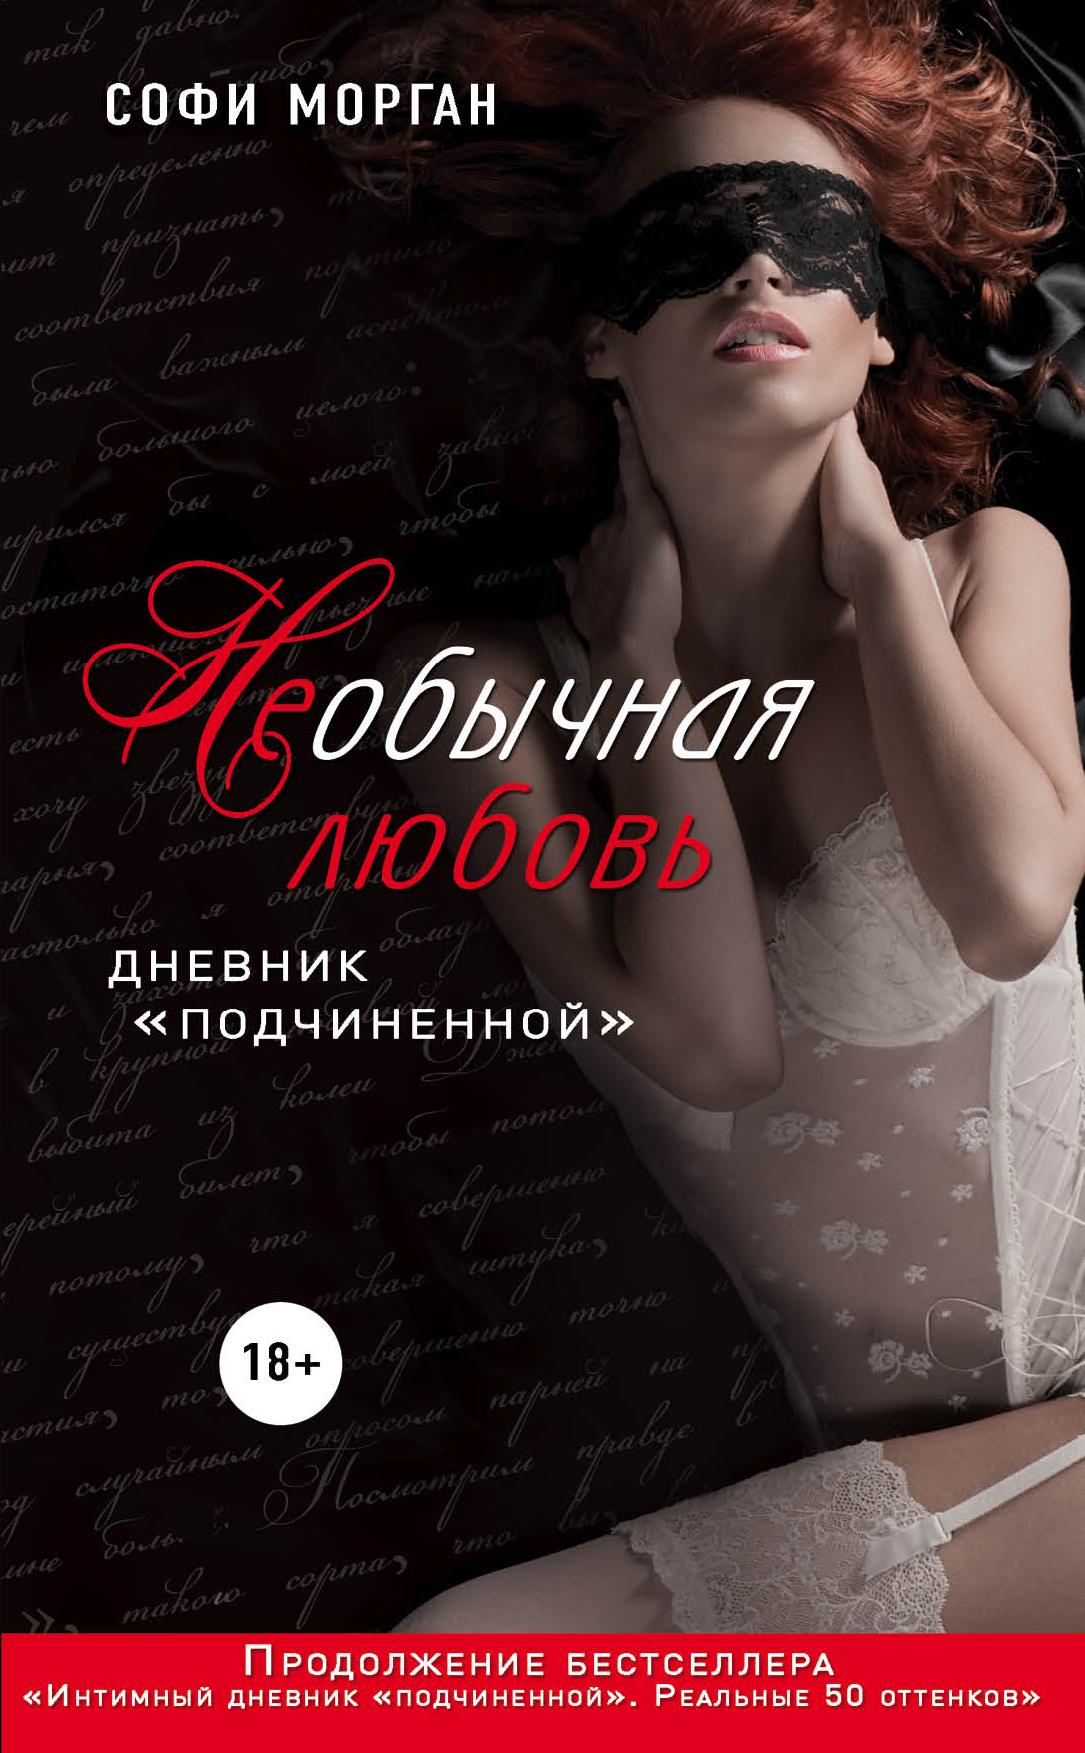 seksualniy-dnevnik